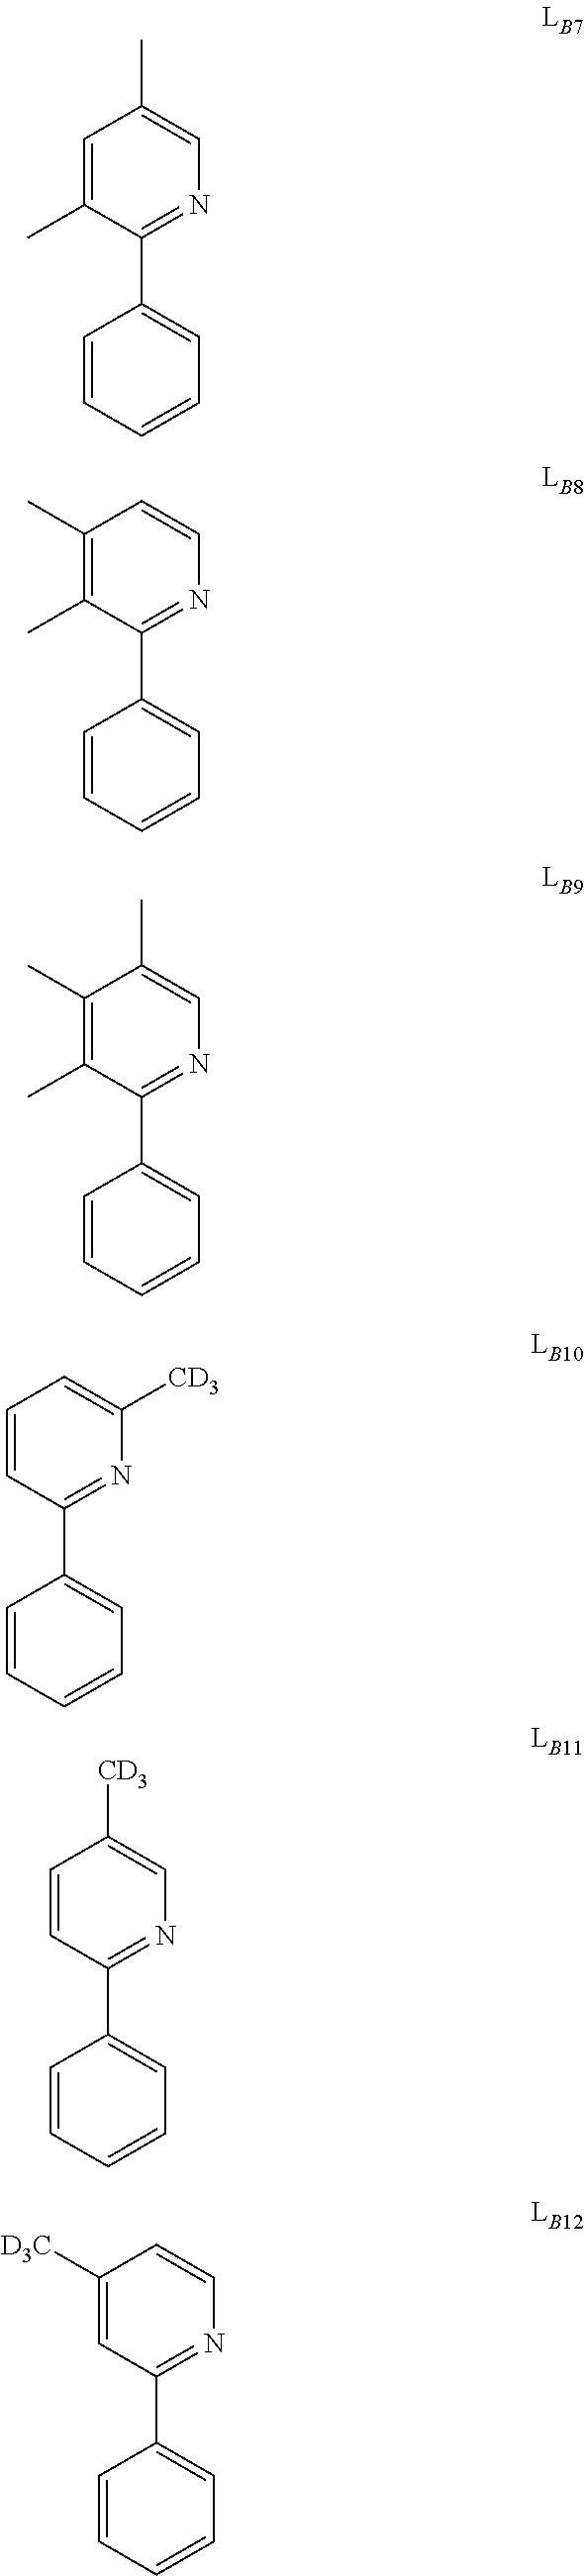 Figure US09634264-20170425-C00029